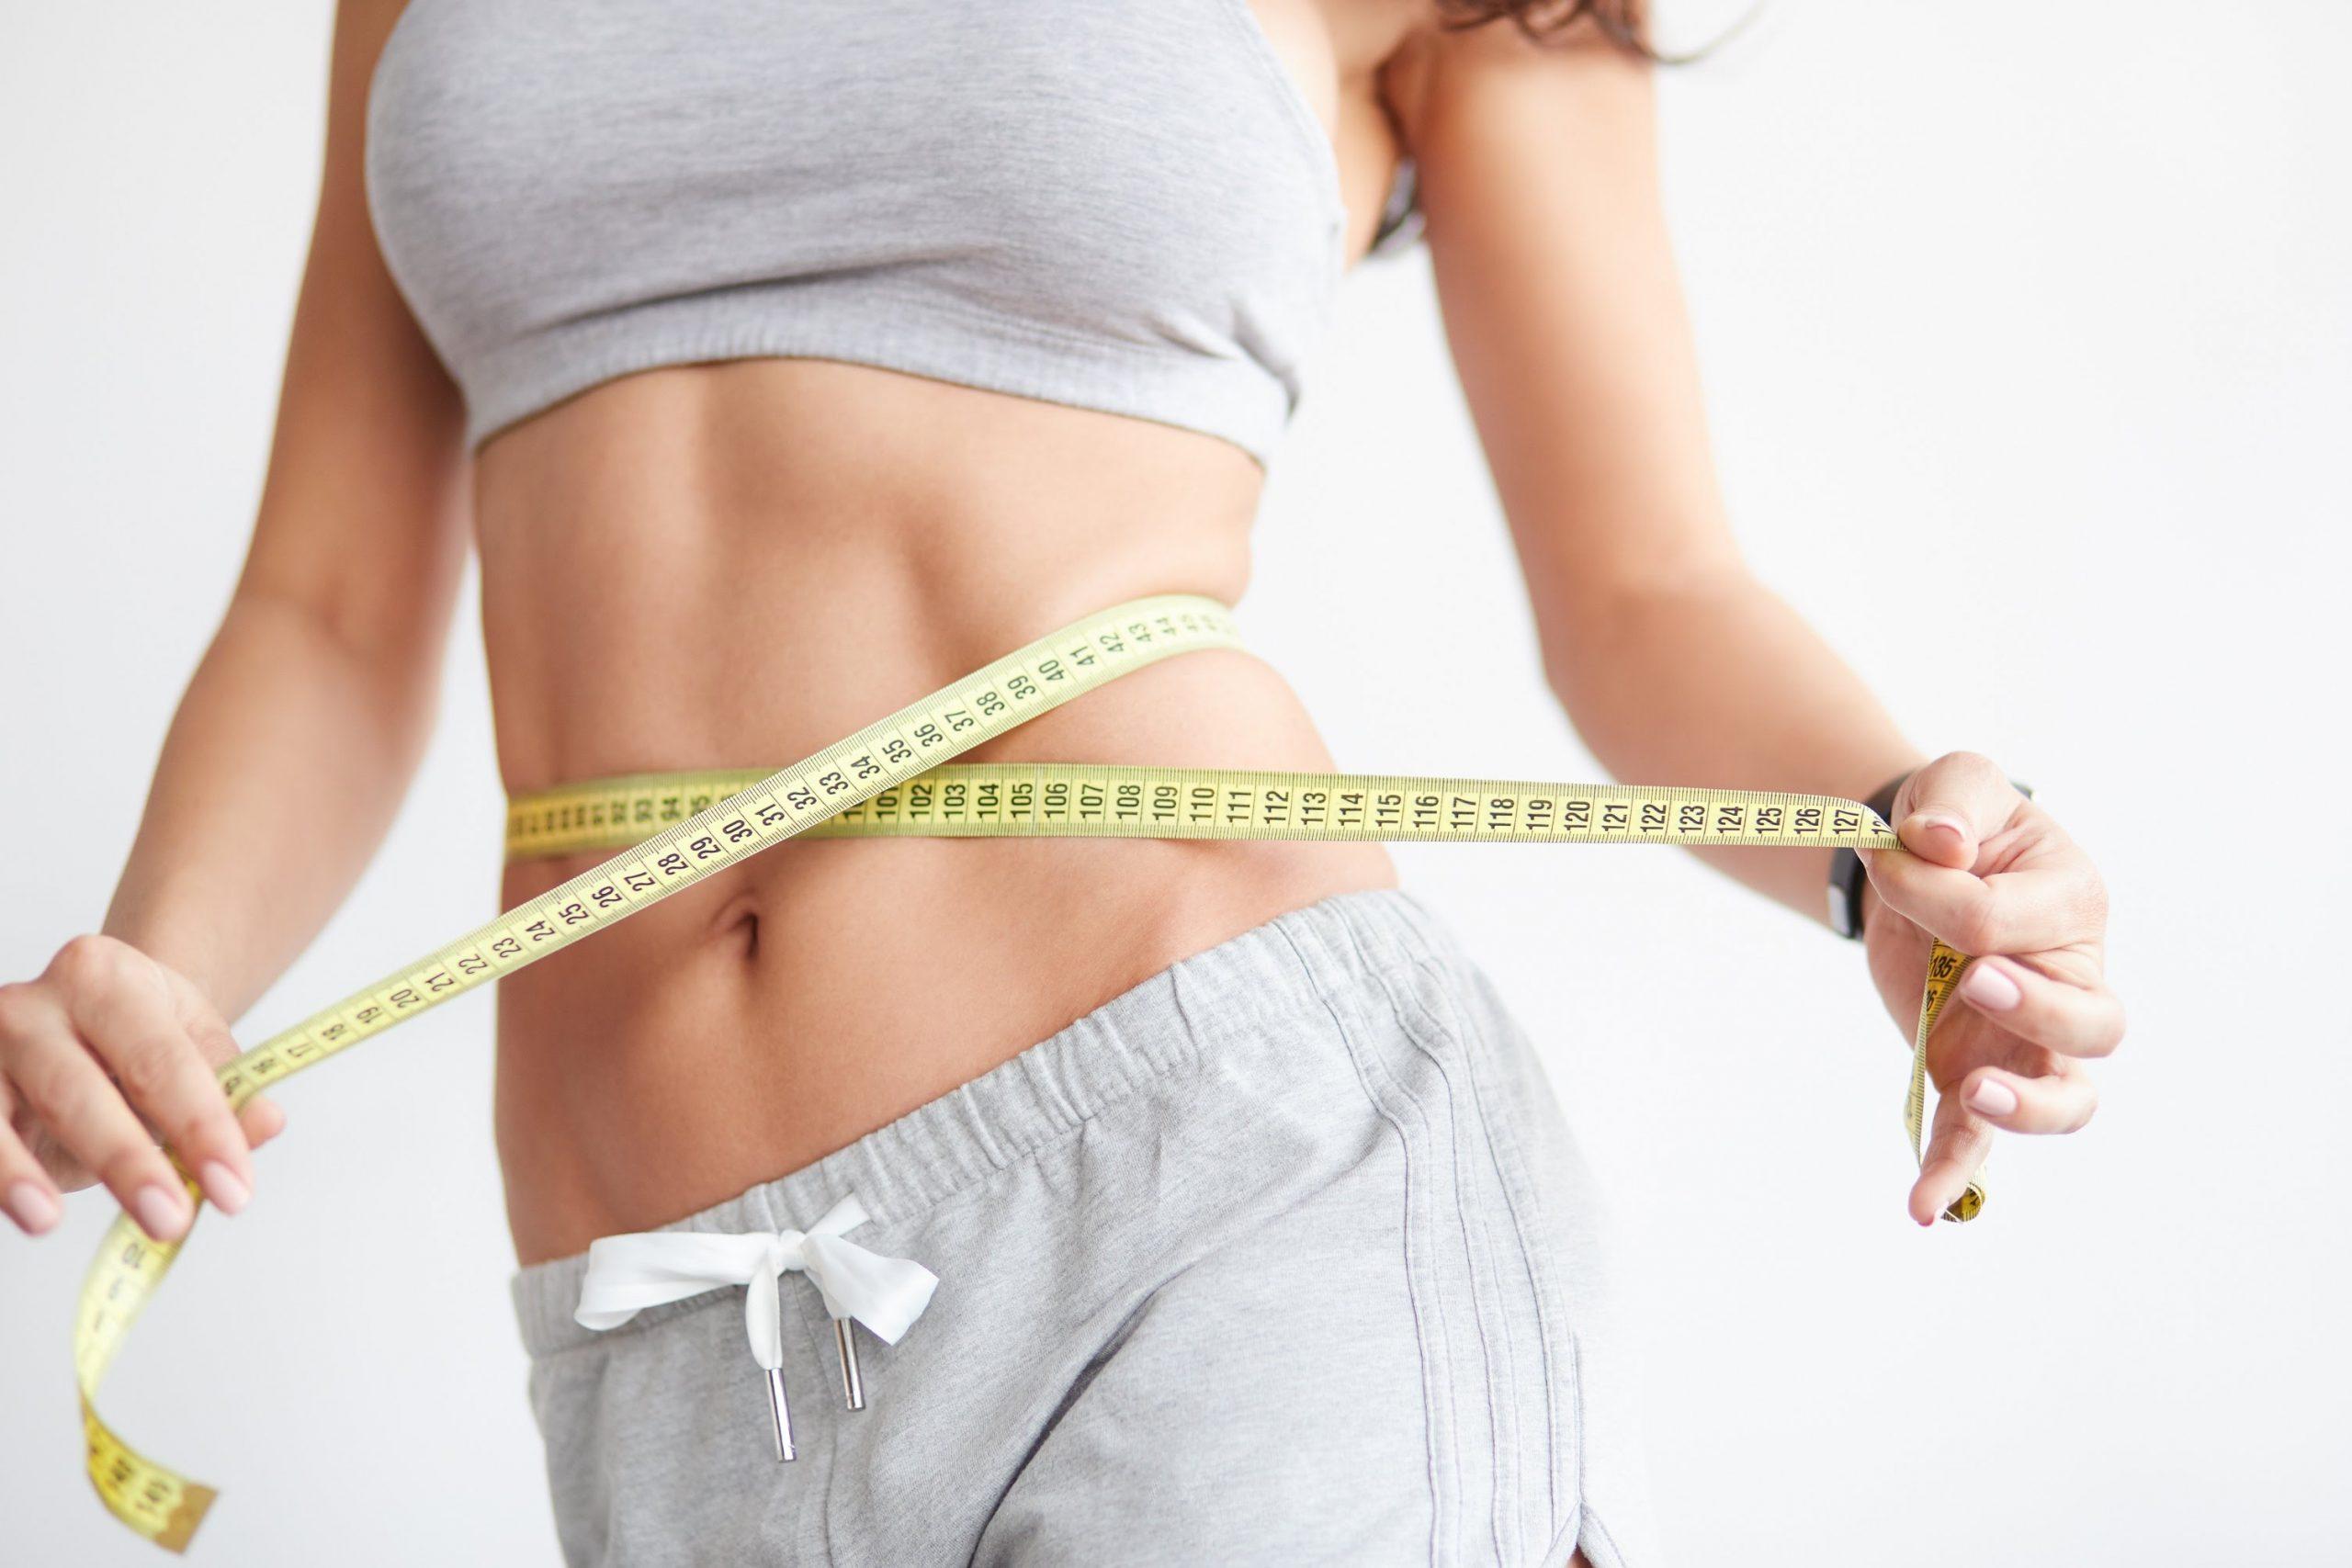 moduri ciudate simple de a pierde în greutate